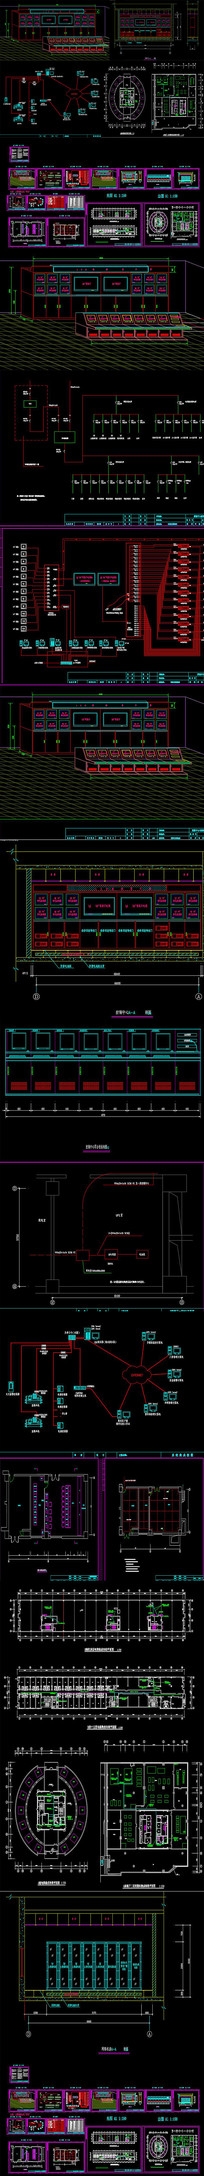 建筑弱电智能化CAD图纸